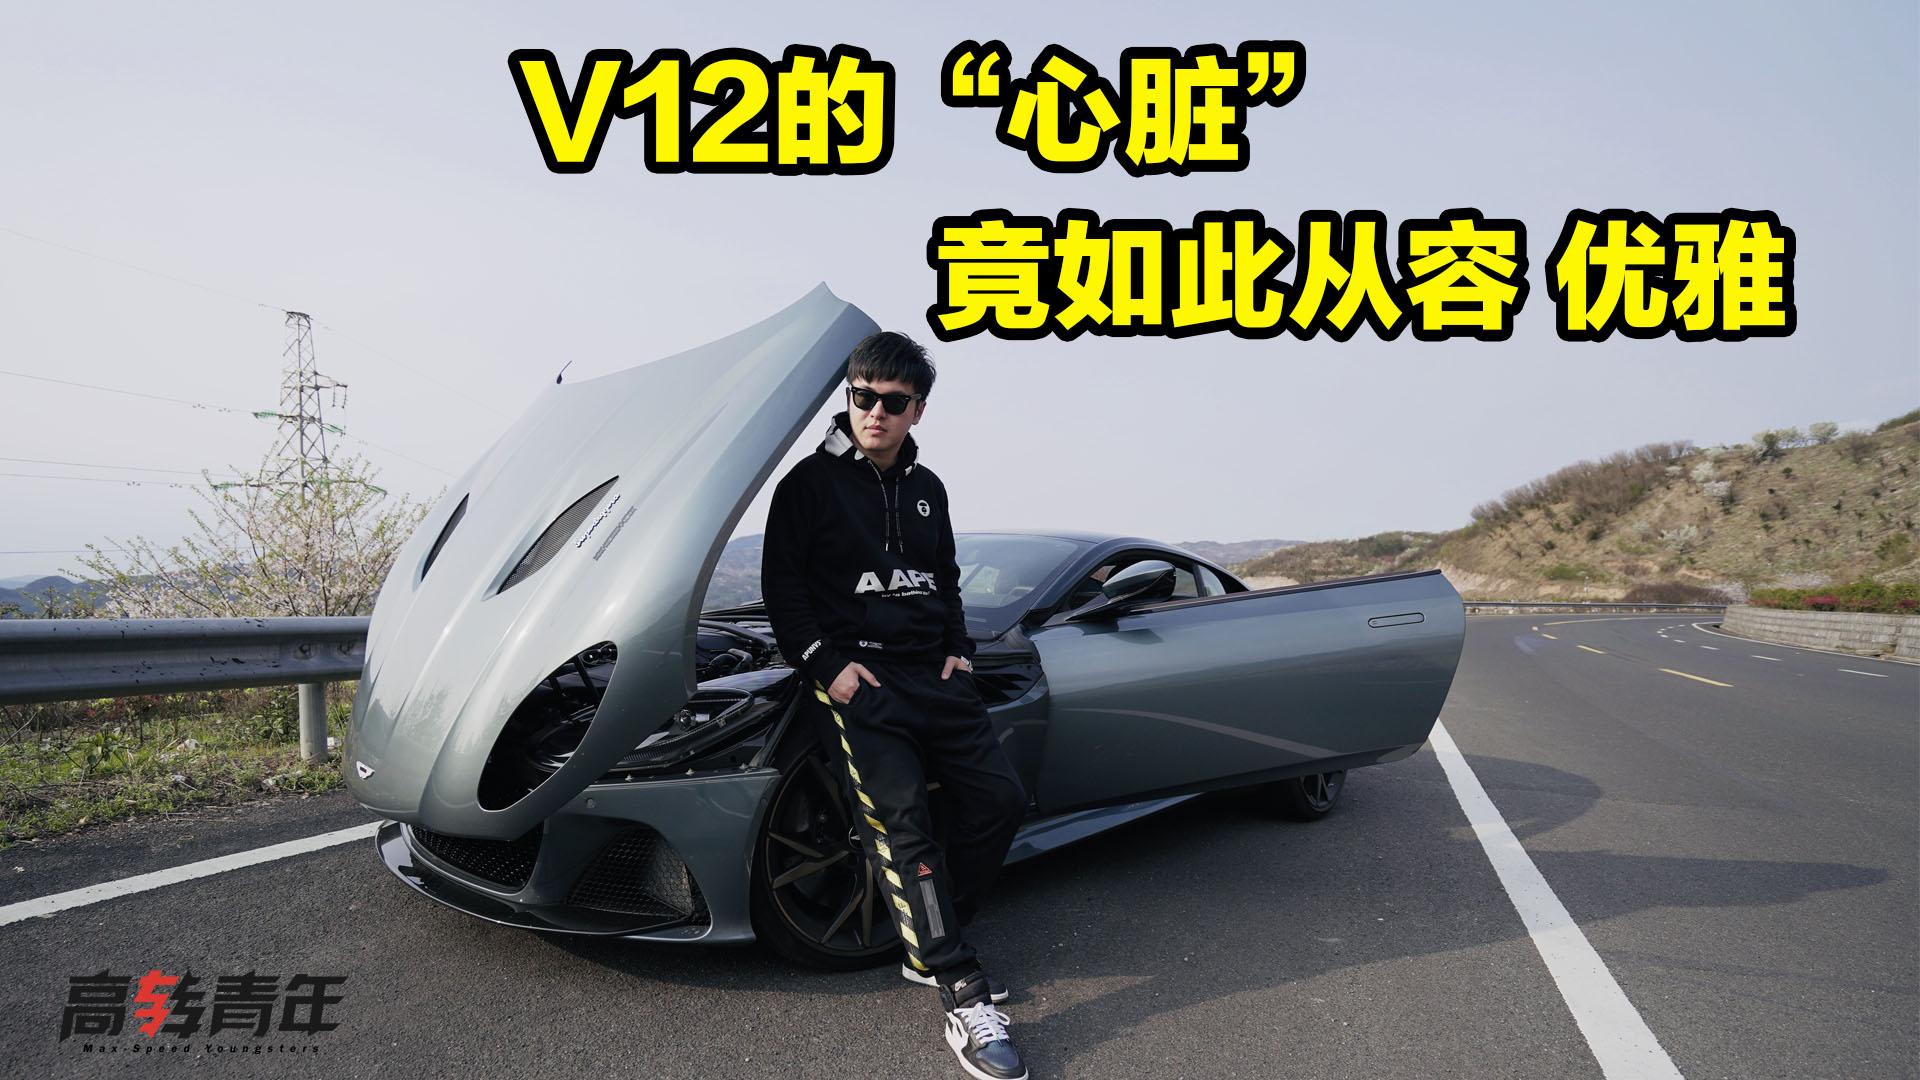 山路激试752马力英式GT跑车阿斯顿马丁DBS视频